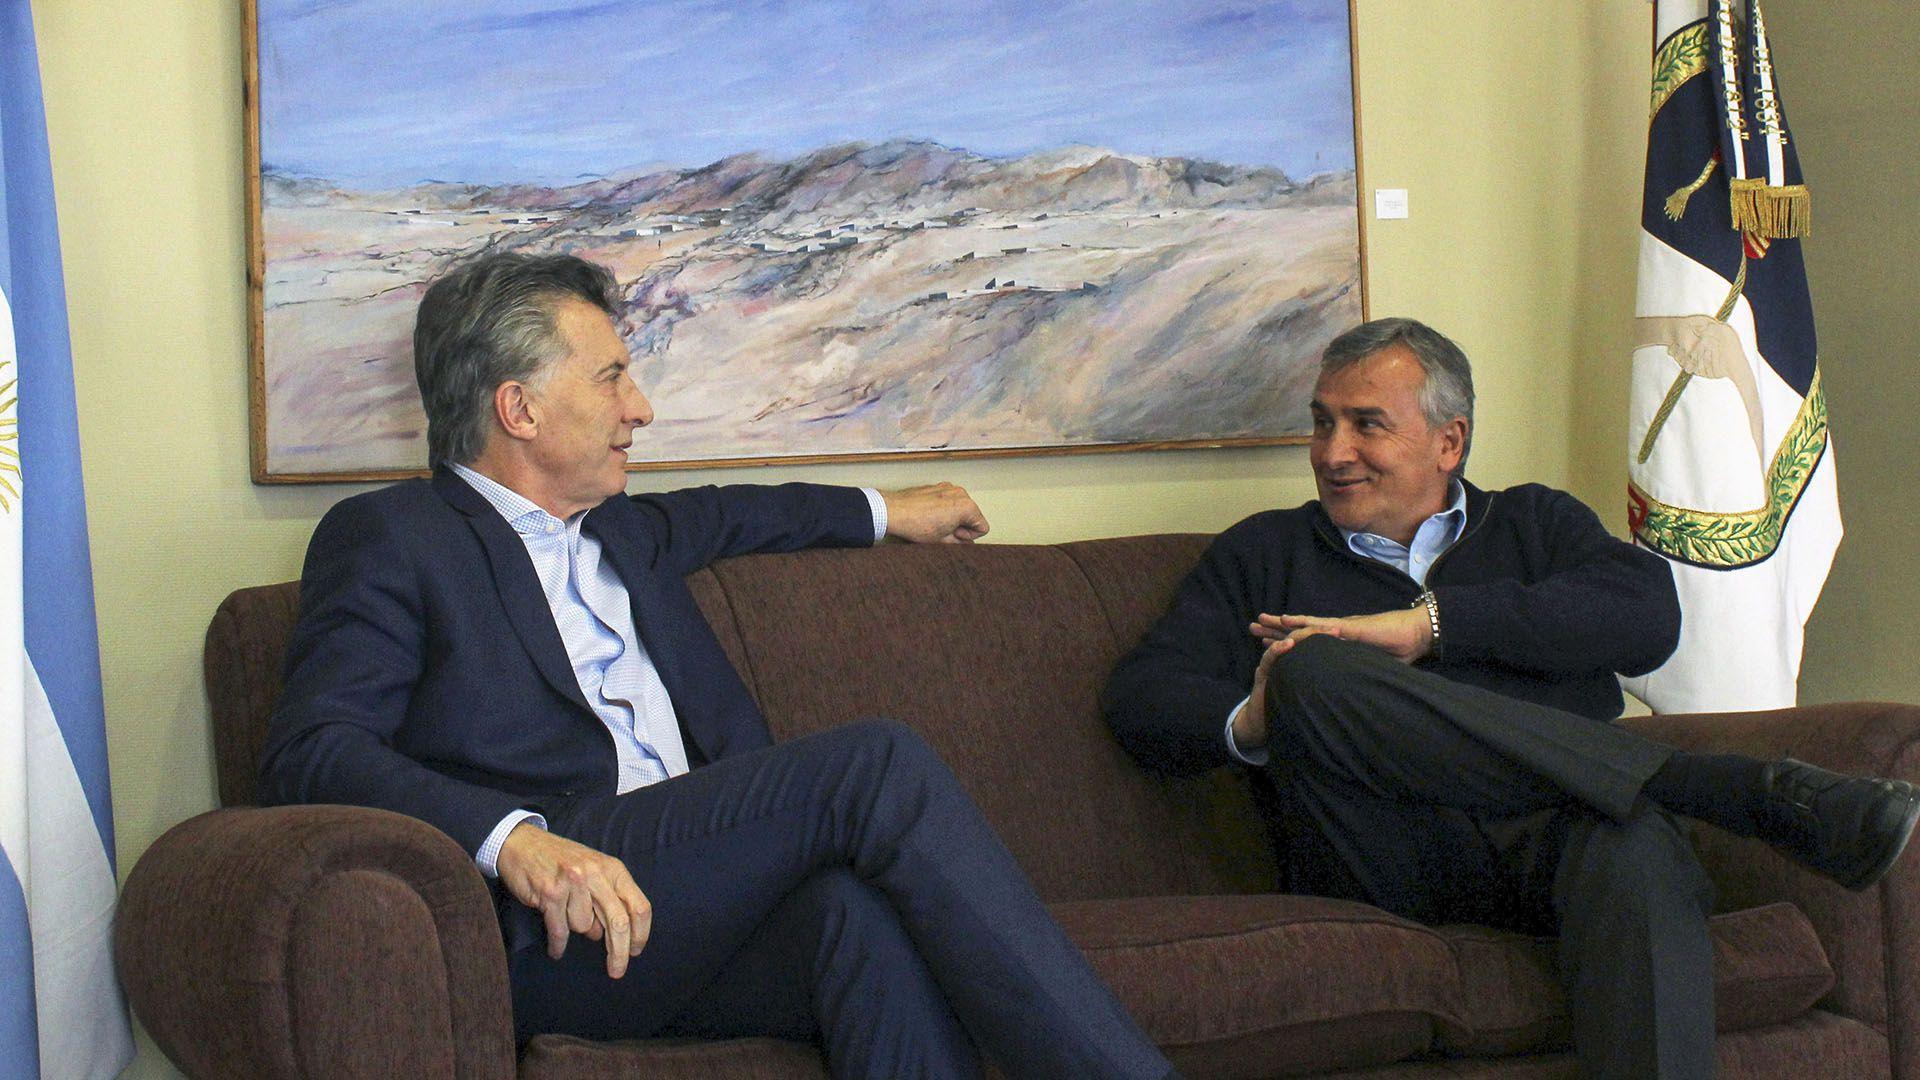 El gobernador de Jujuy, Gerardo Morales, expresó su malestar por las diferencias al interior del partido fundado por Mauricio Macri.